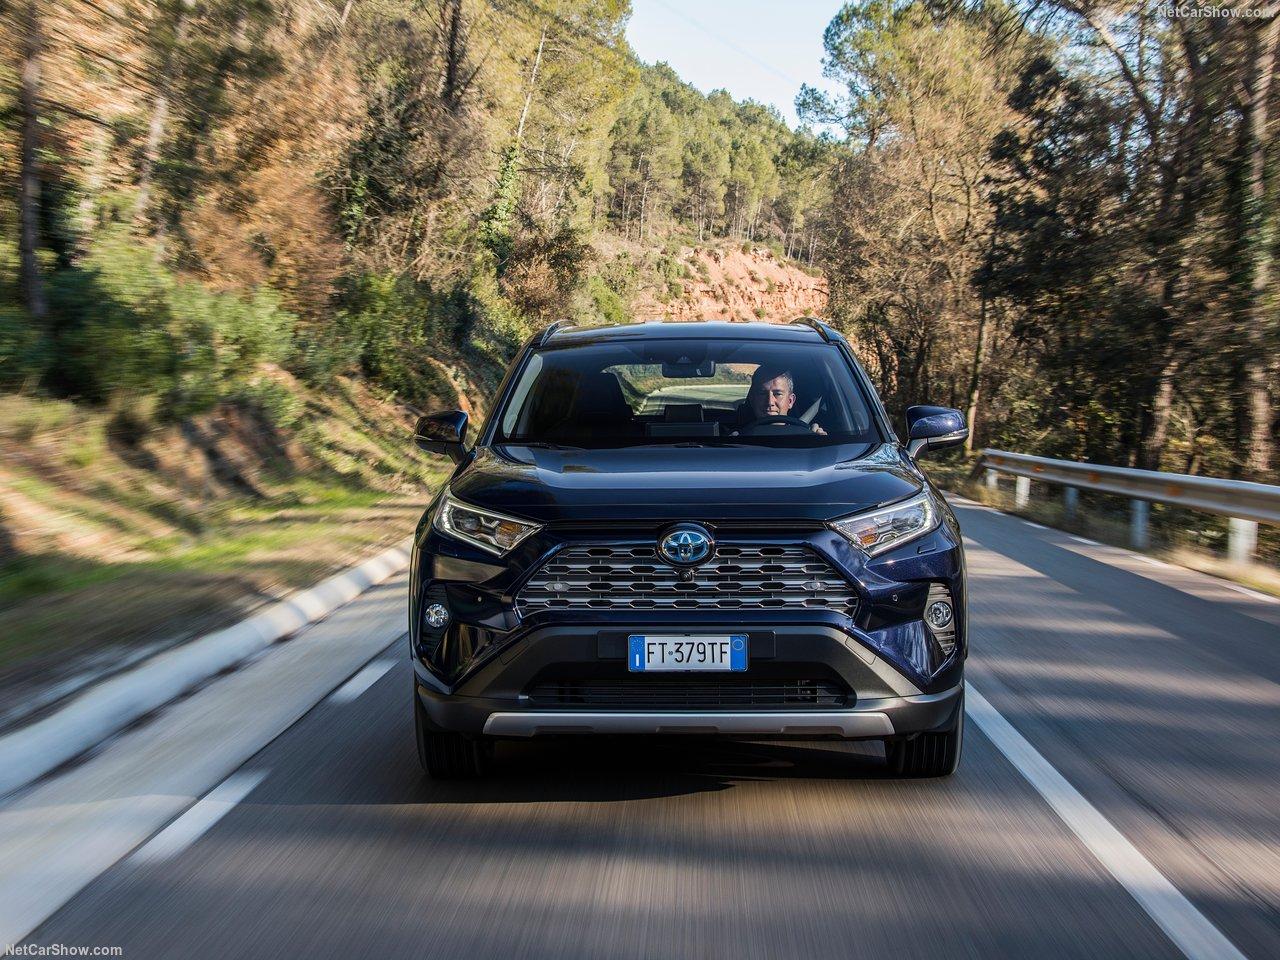 Toyota-RAV4_Hybrid_EU-Version-2019-1280-66.jpg